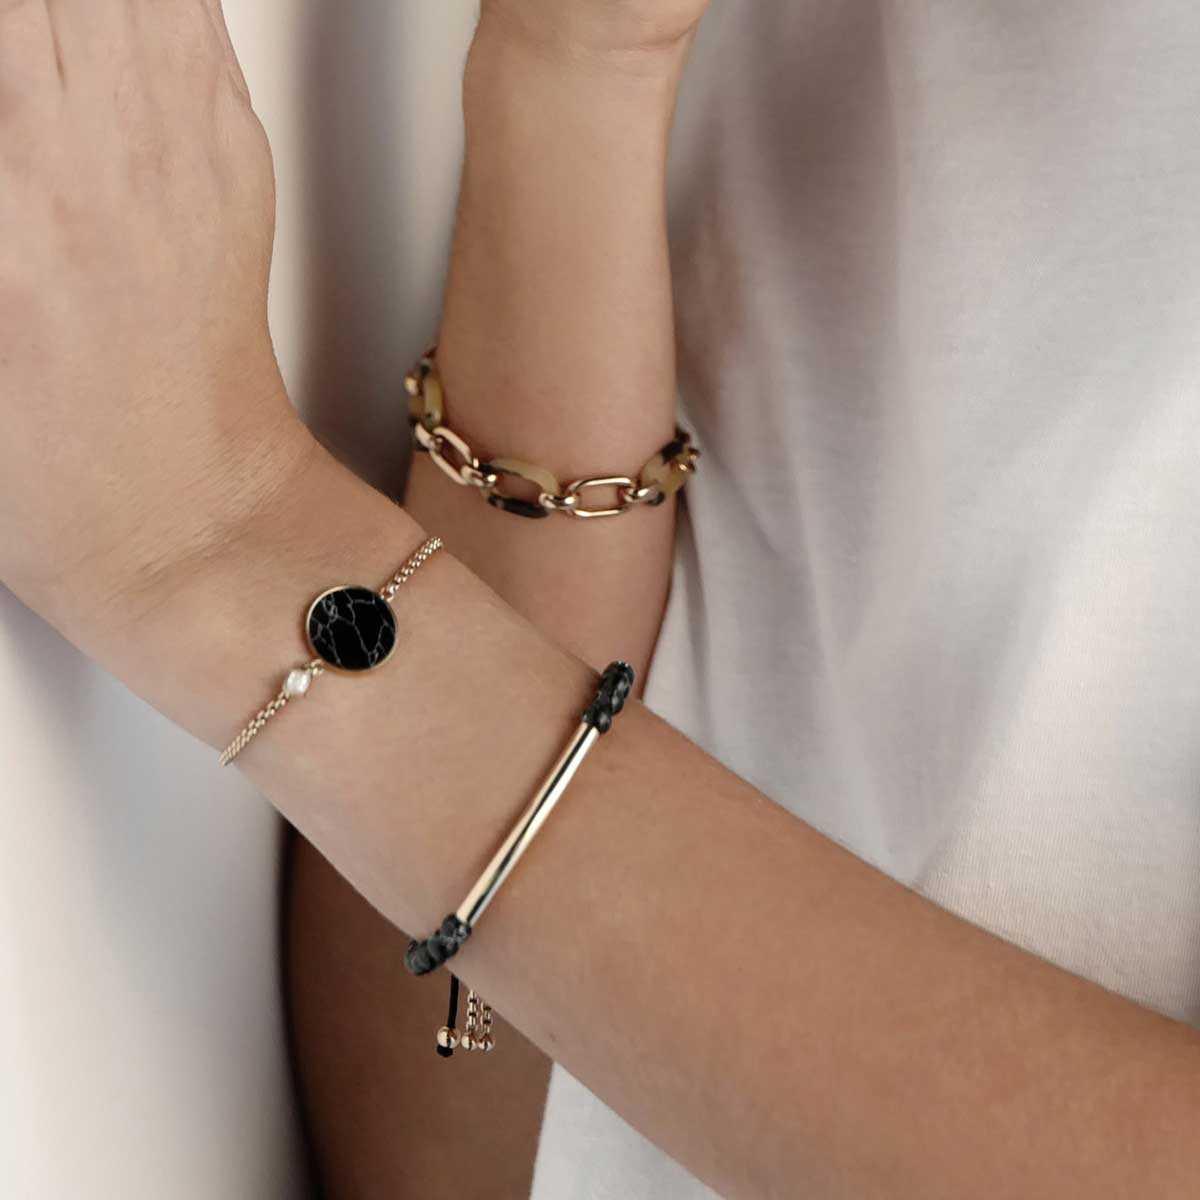 Bracelet - Danita - Adele